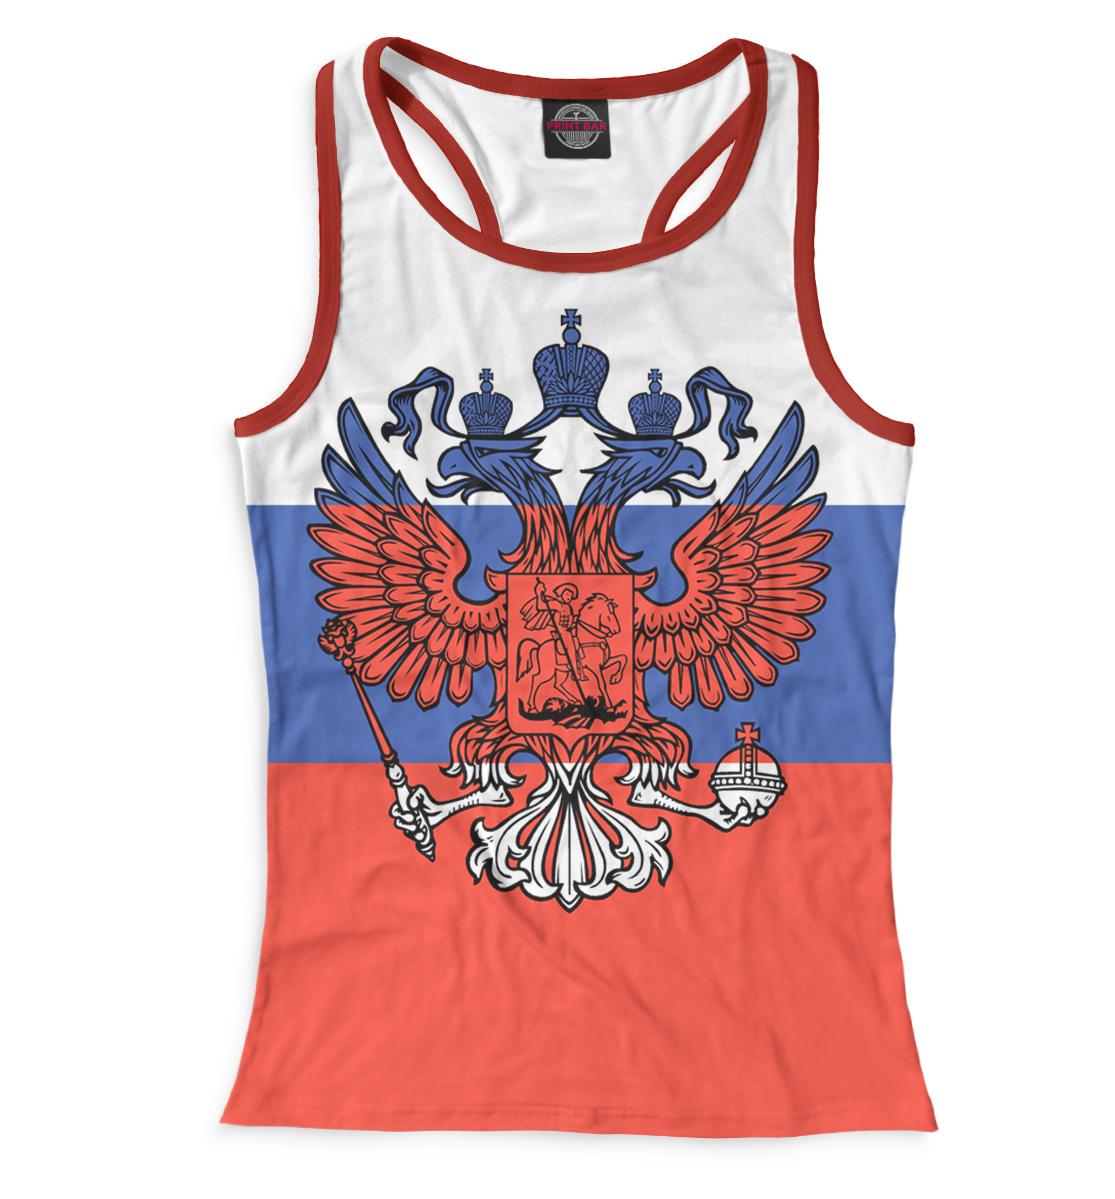 Купить Триколор и герб, Printbar, Майки борцовки, SRF-697880-mayb-1